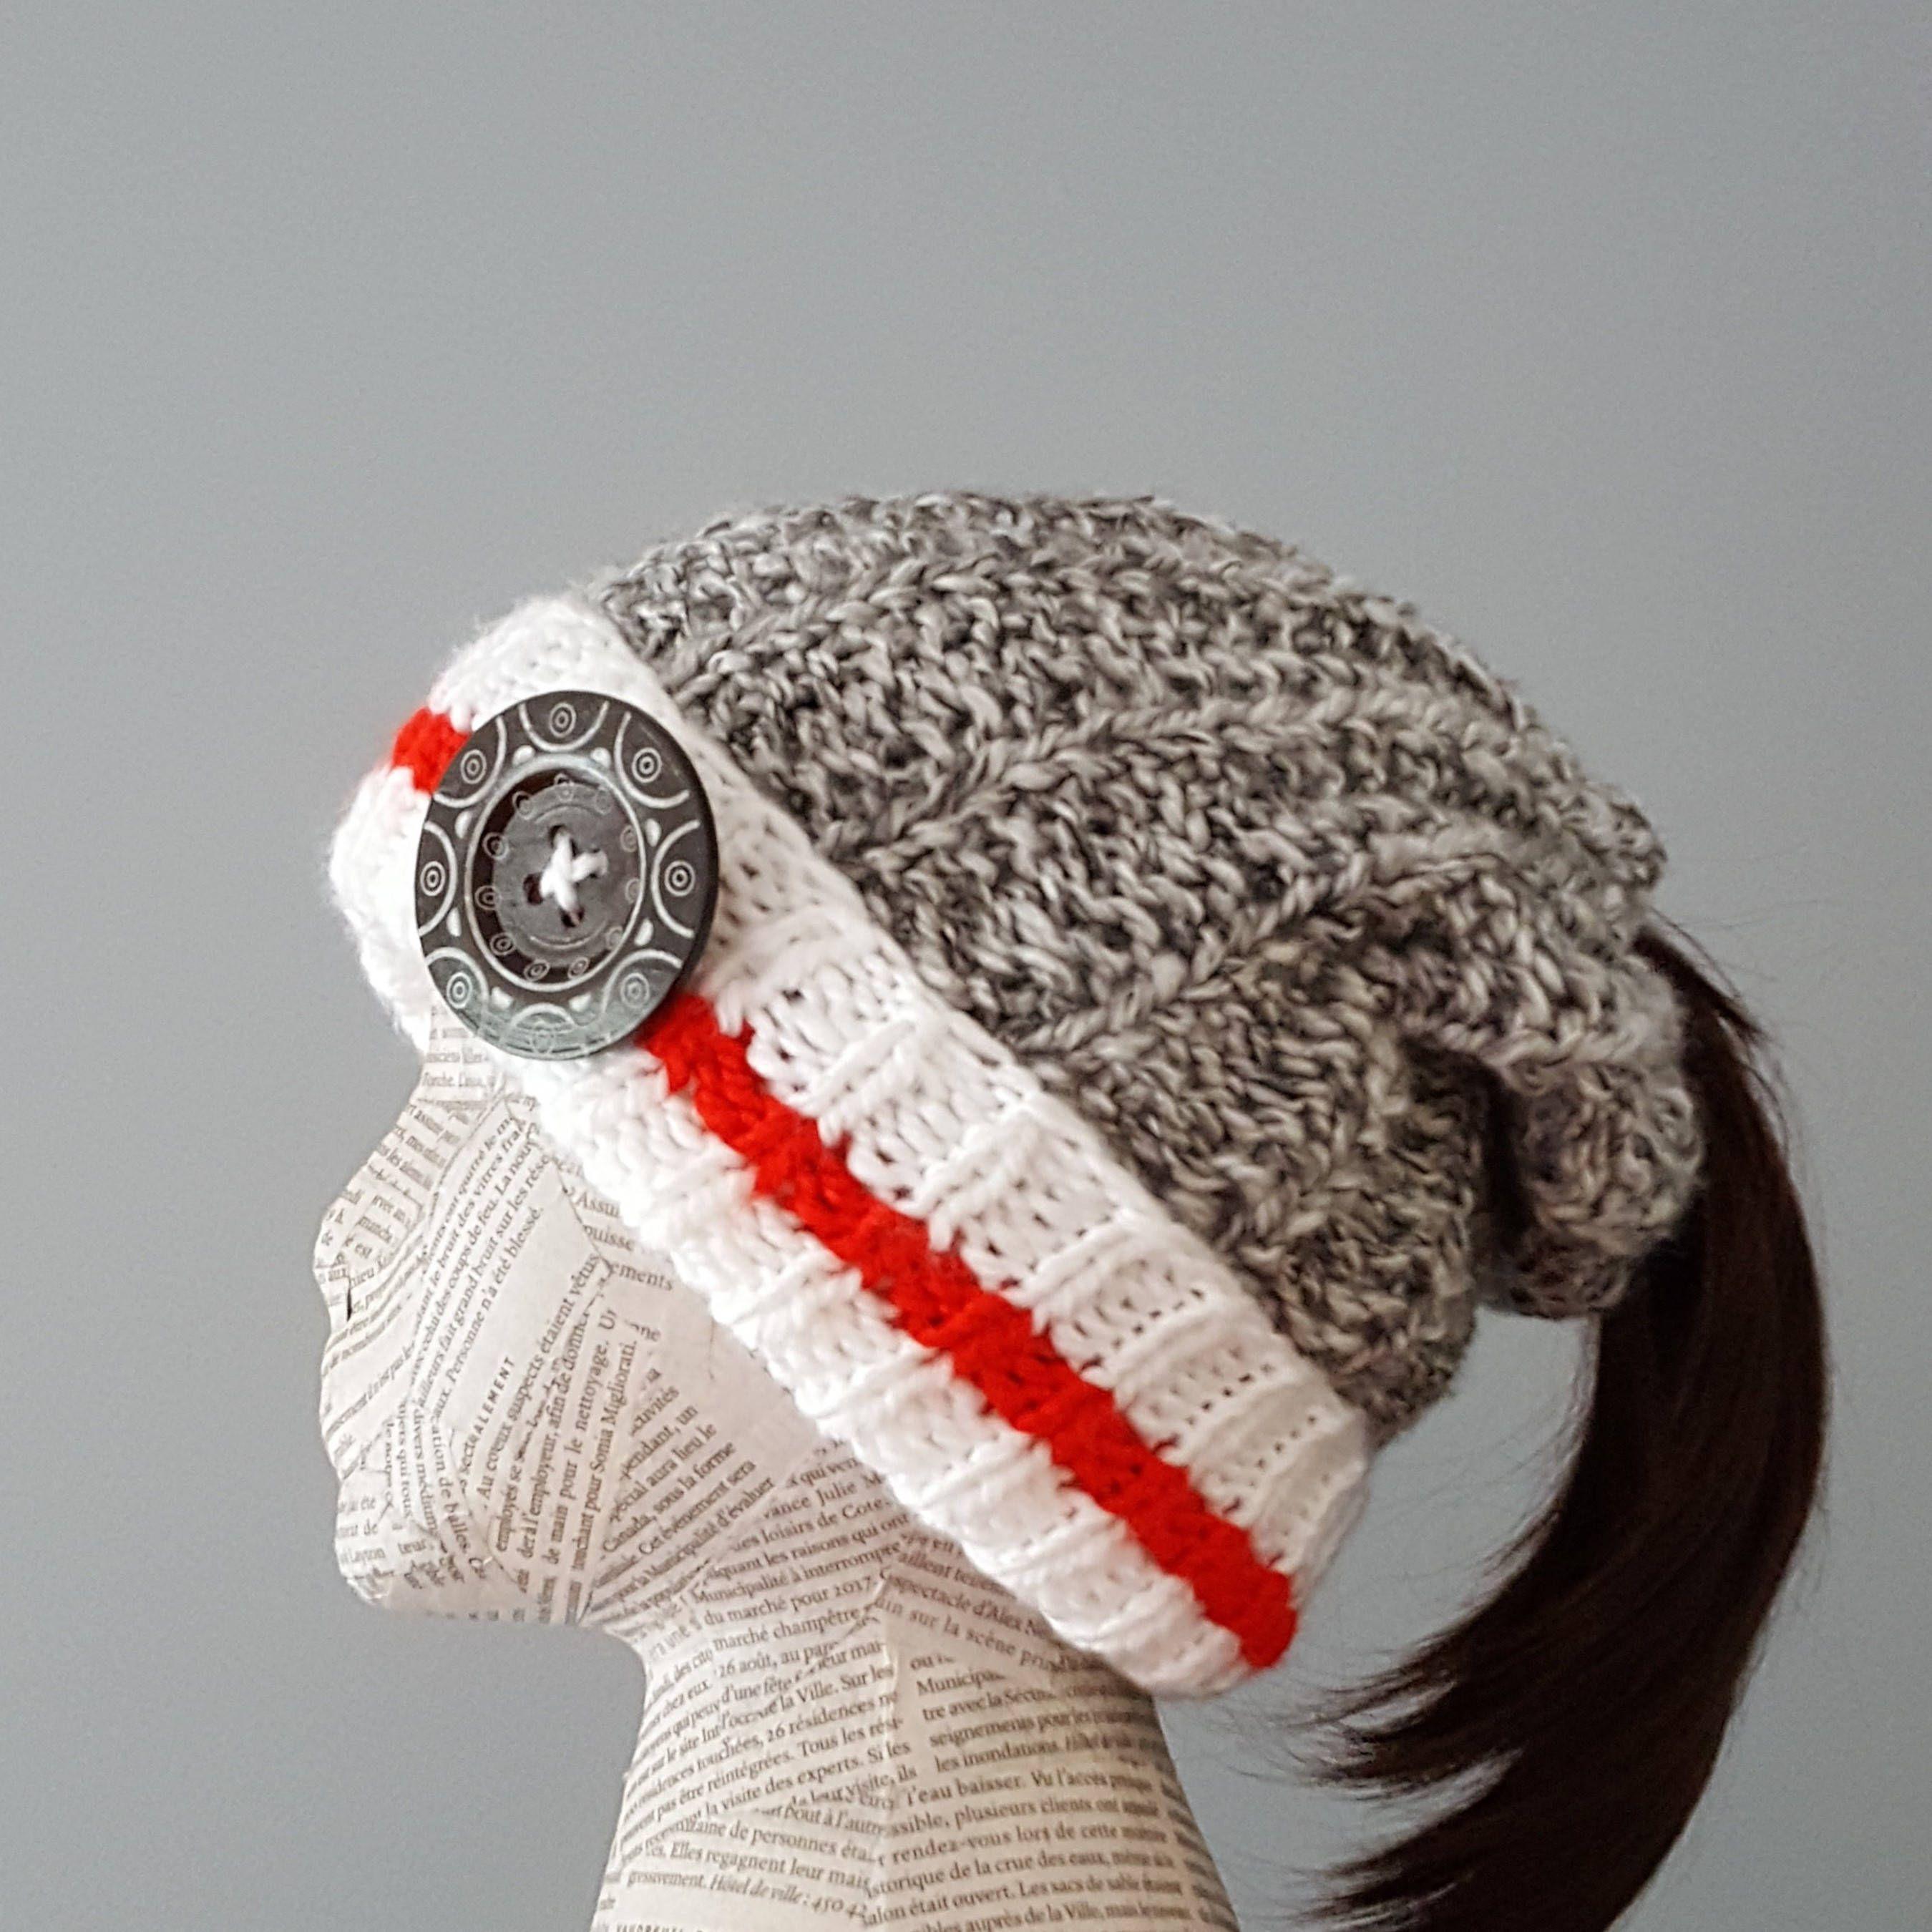 PATRON tuque bas de travail queue de cheval tuque beanie bun hat patron  bonnet pour femme chapeau pour femme bas de laine queue de cheval by